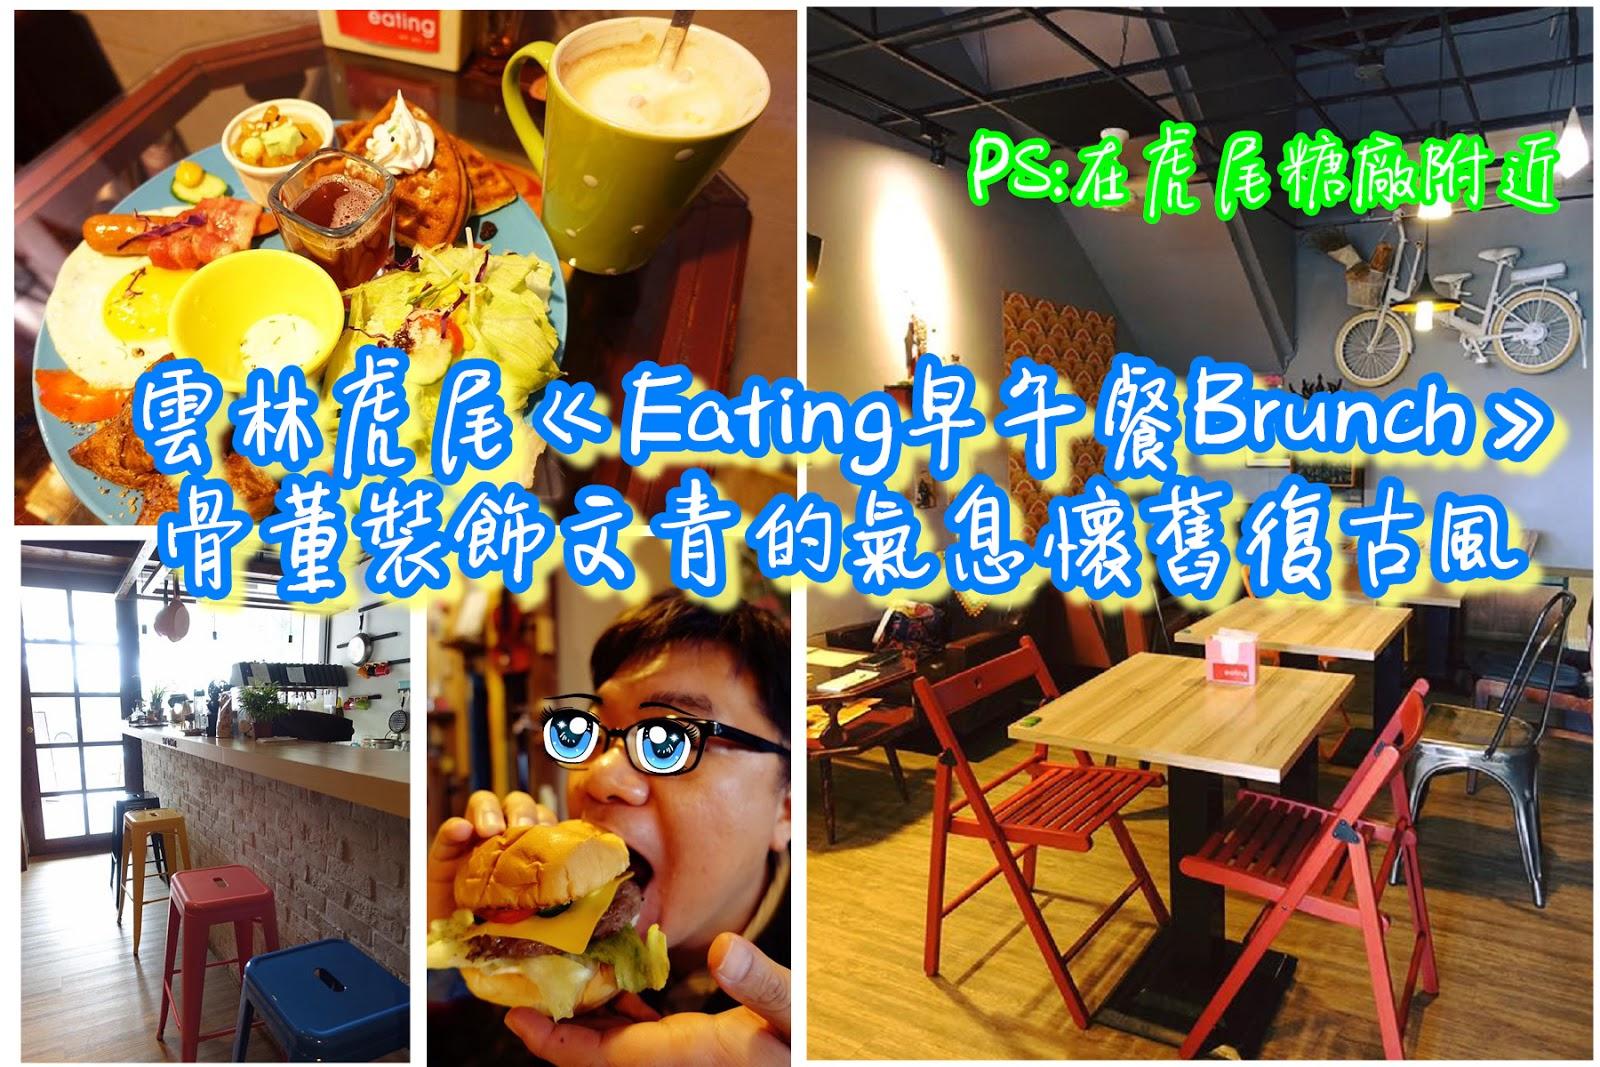 雲林虎尾《Eating早午餐Brunch》在虎尾糖廠附近,骨董裝飾文青的氣息懷舊復古風!